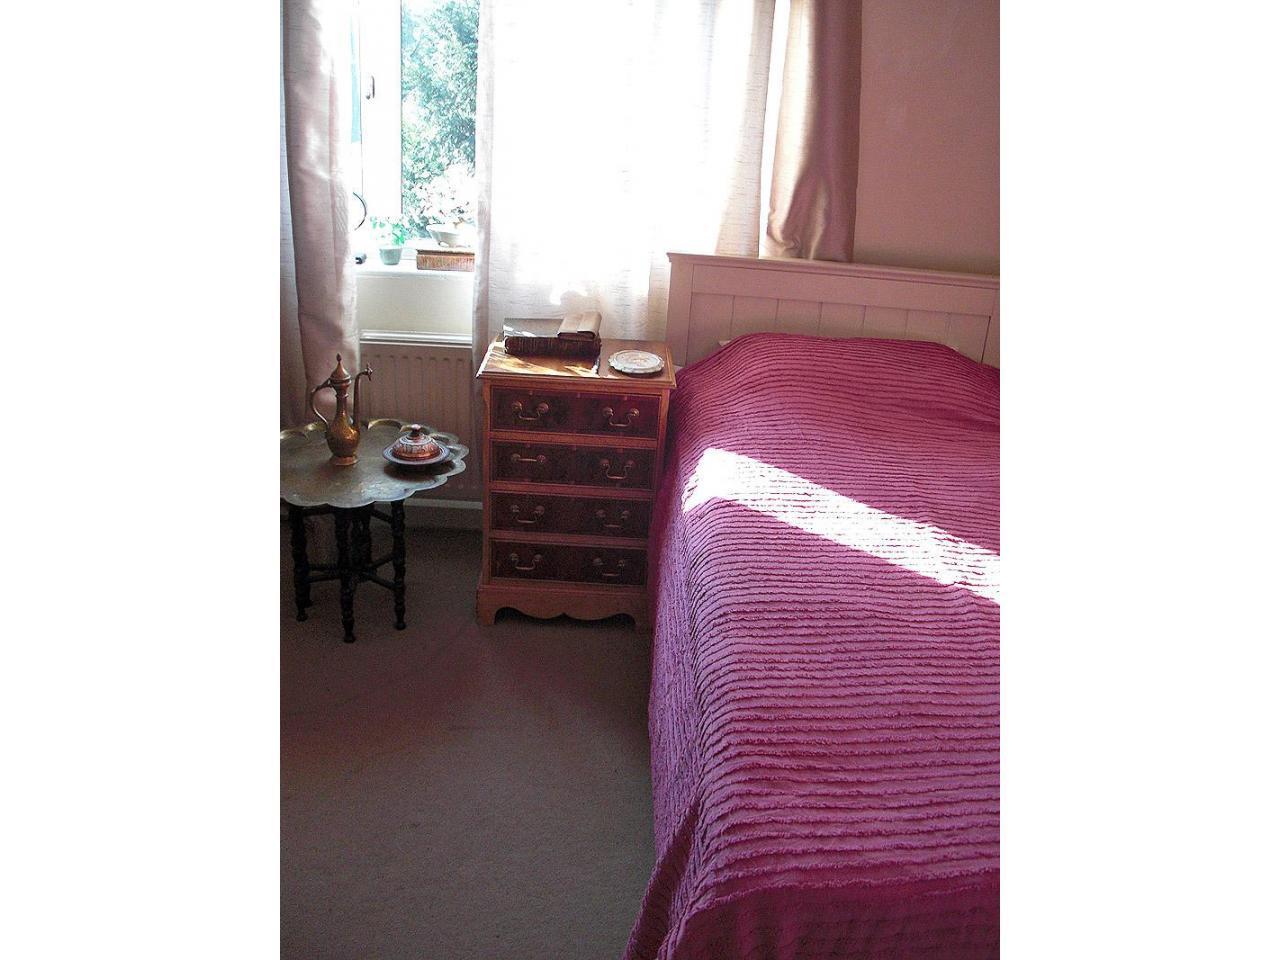 Сдается сингл комната в Твикенэме (West London, Borough of Richmond) - 1